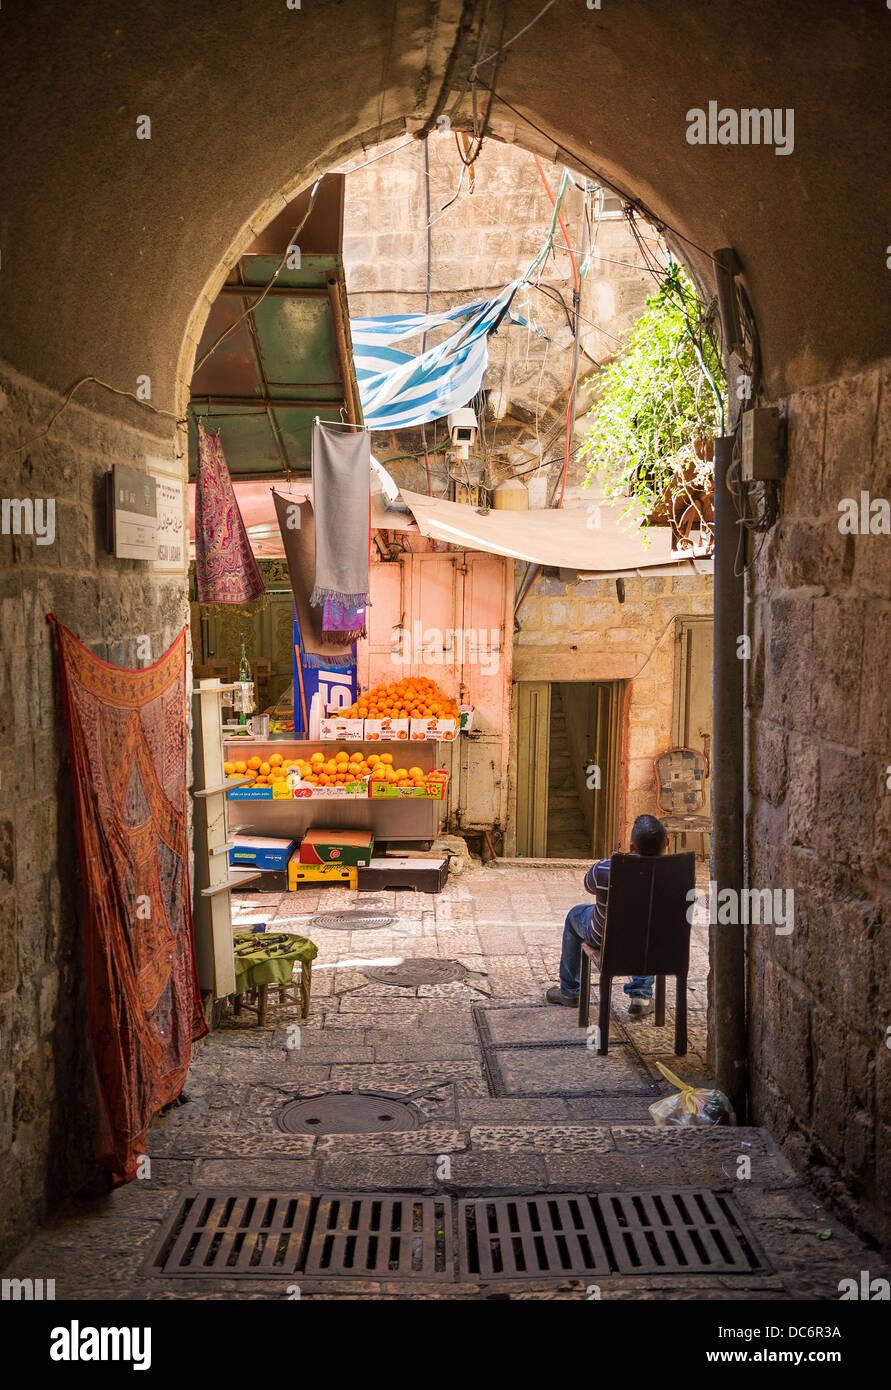 old town street shop of jerusalem israel - Stock Image